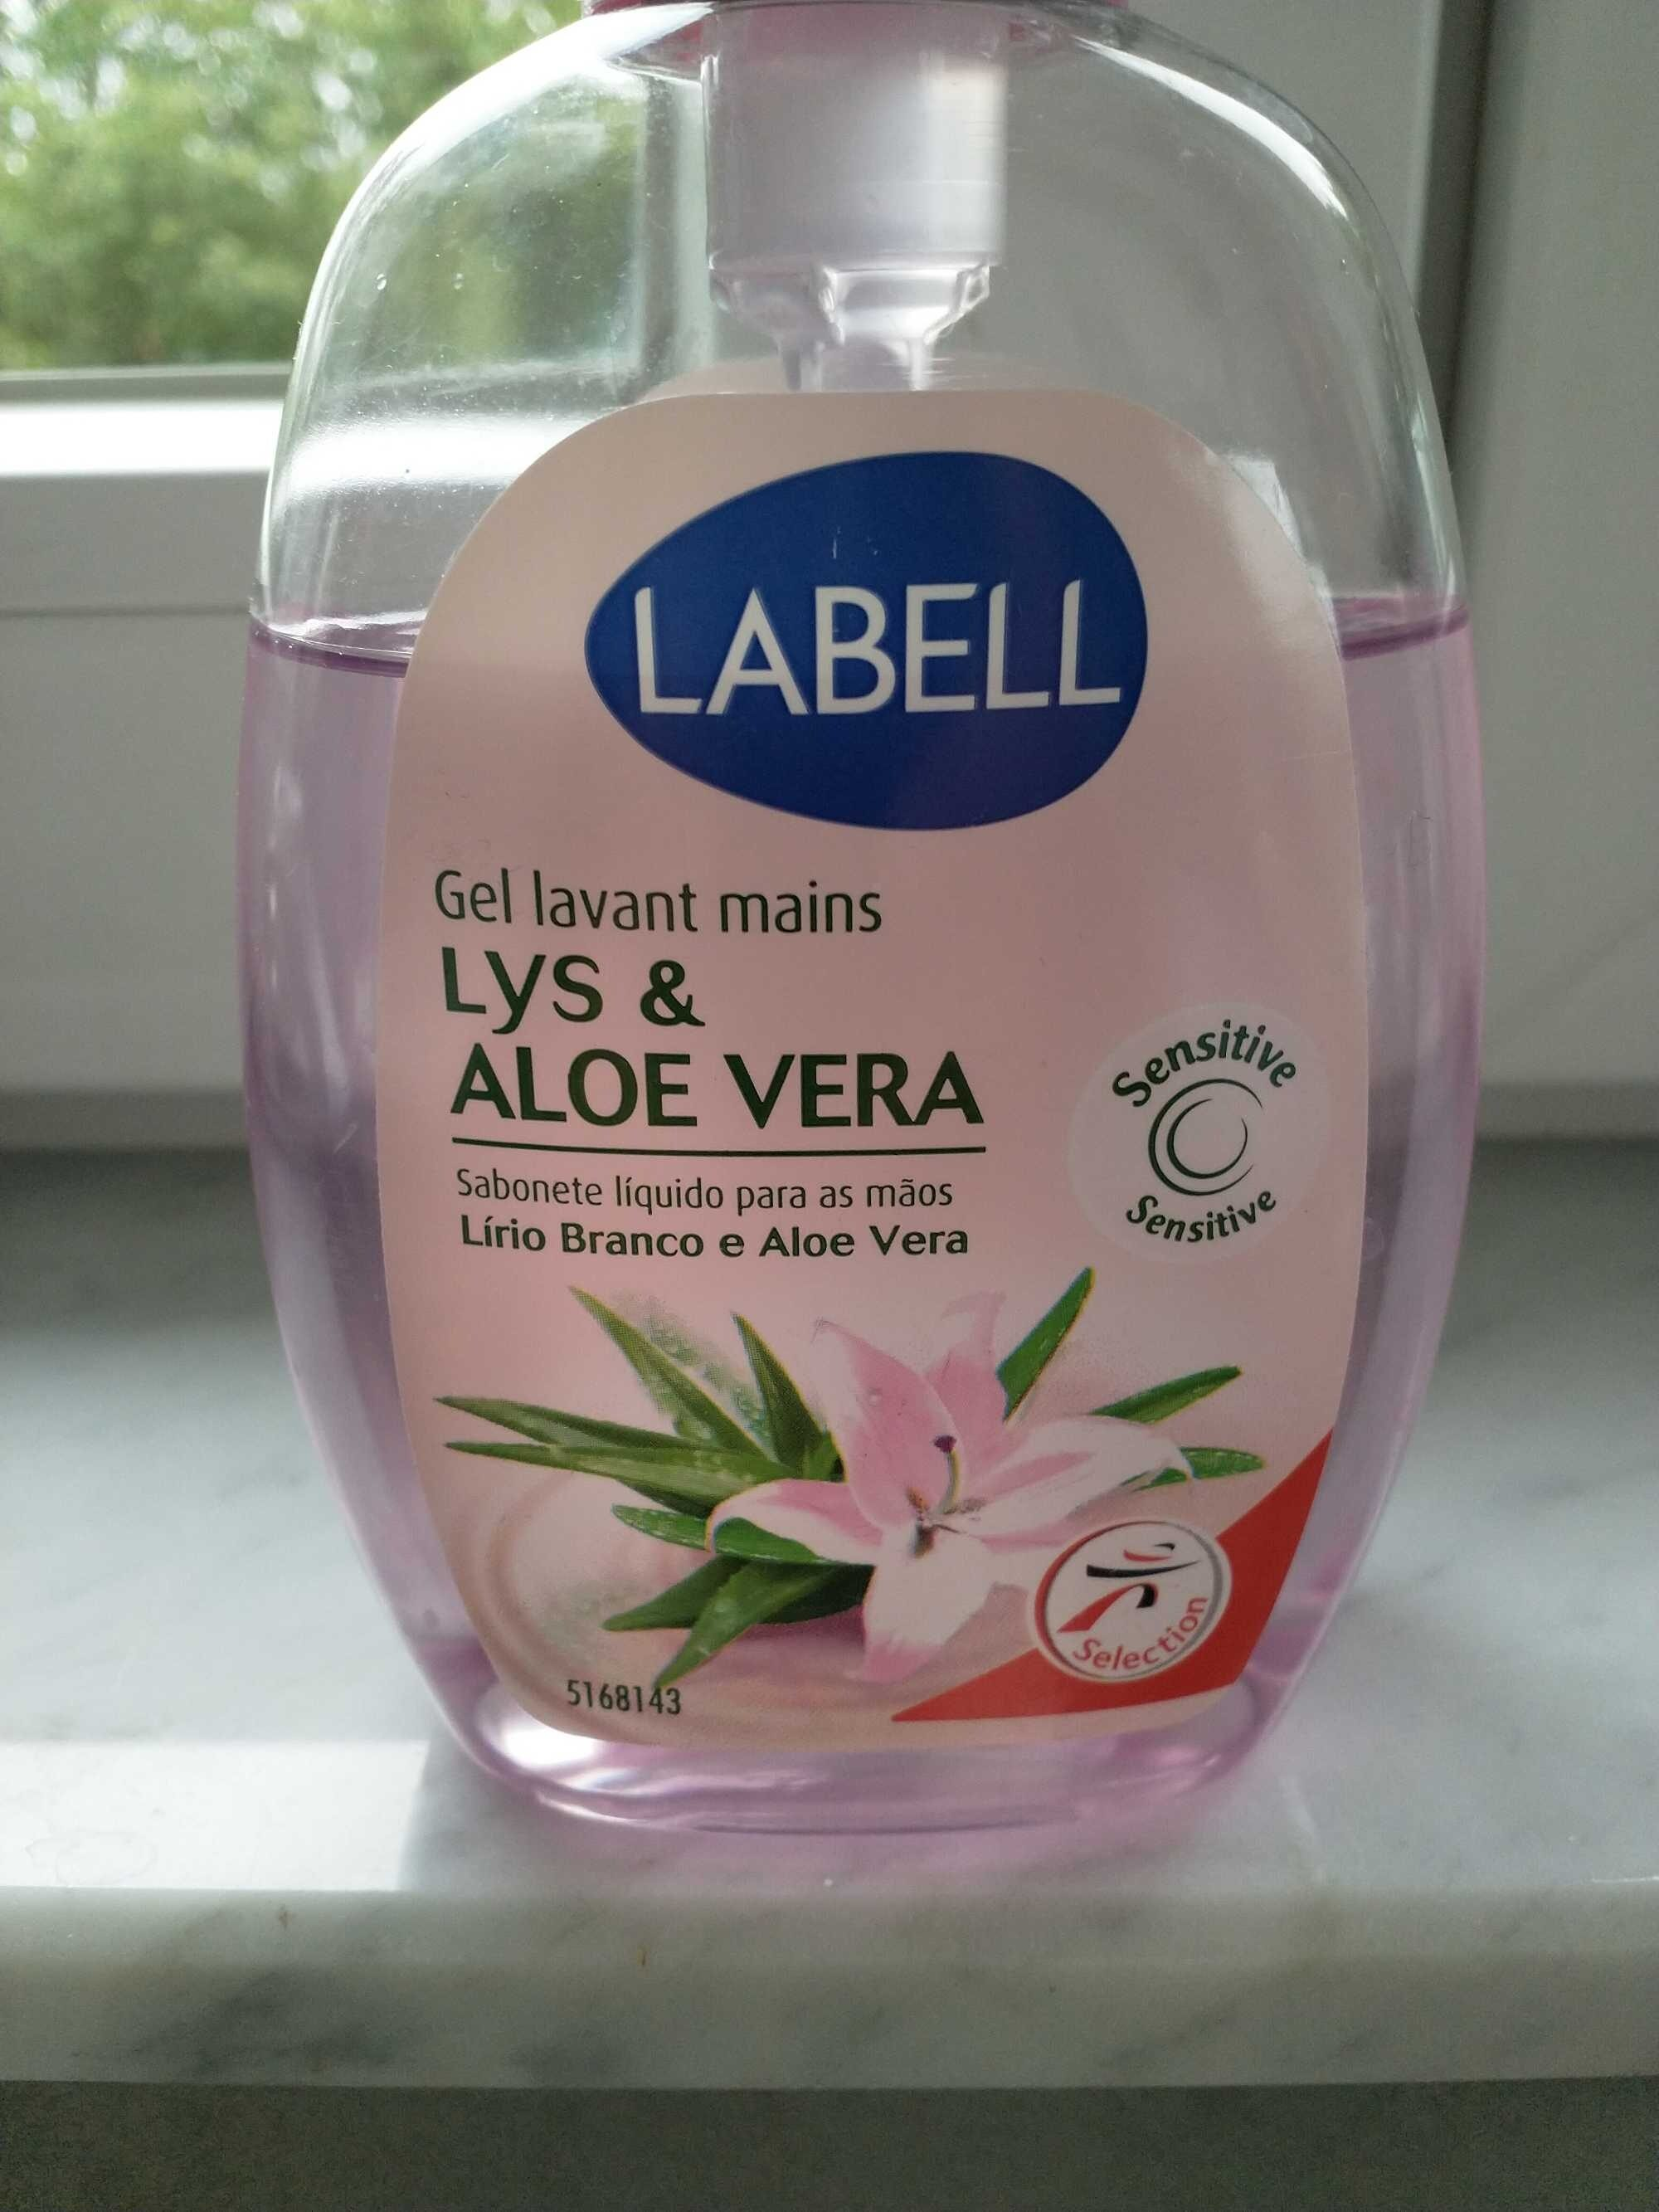 Gel lavant mains - Product - fr